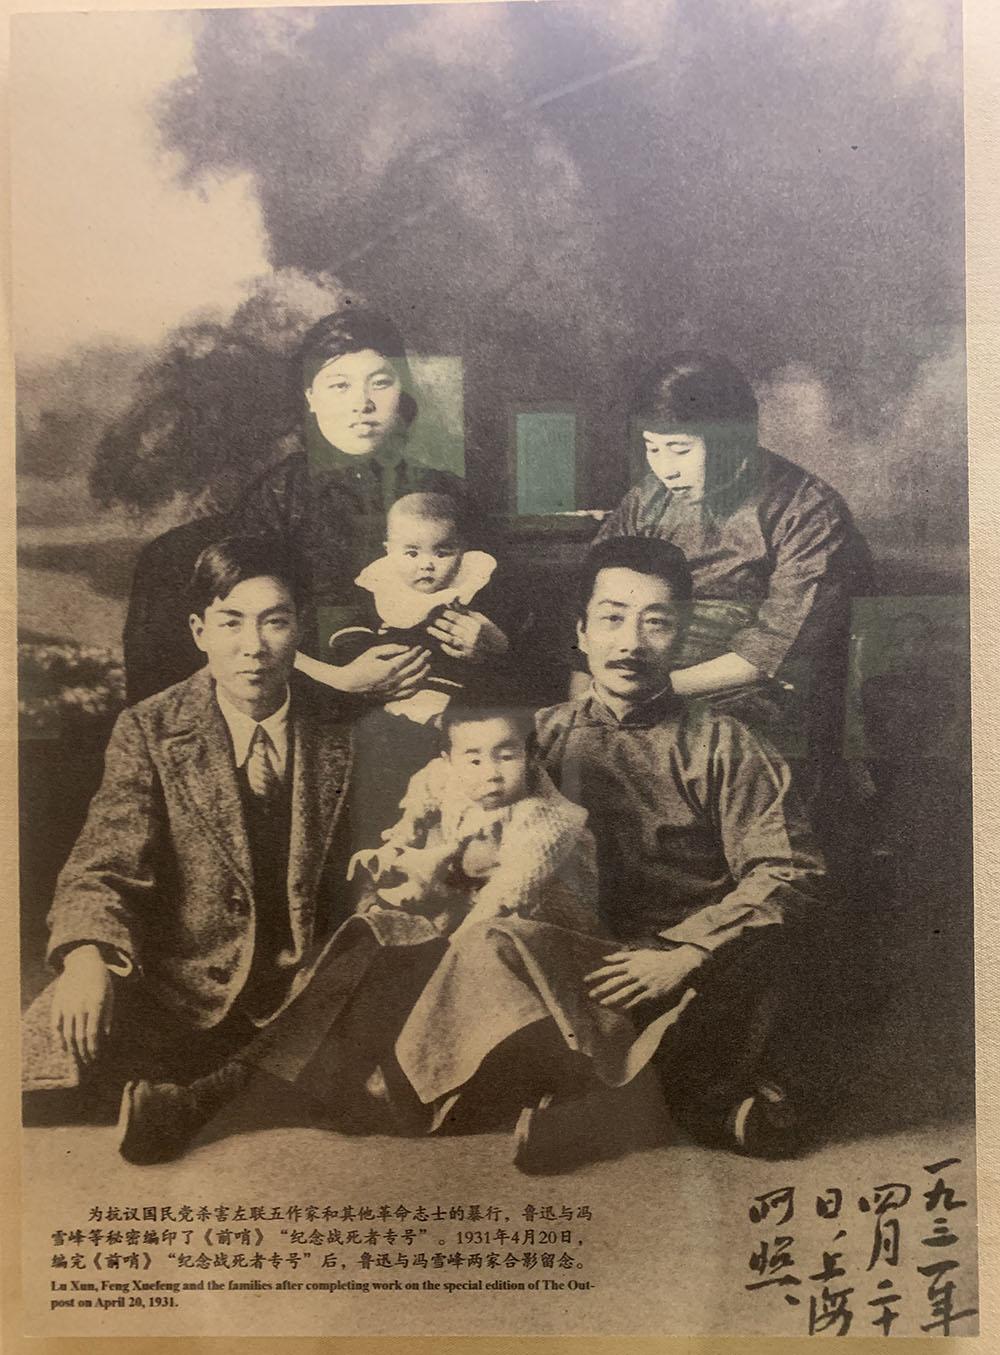 1931年,鲁迅与冯雪峰两家合影。澎湃新闻记者 朱奕奕 翻拍自鲁迅纪念馆